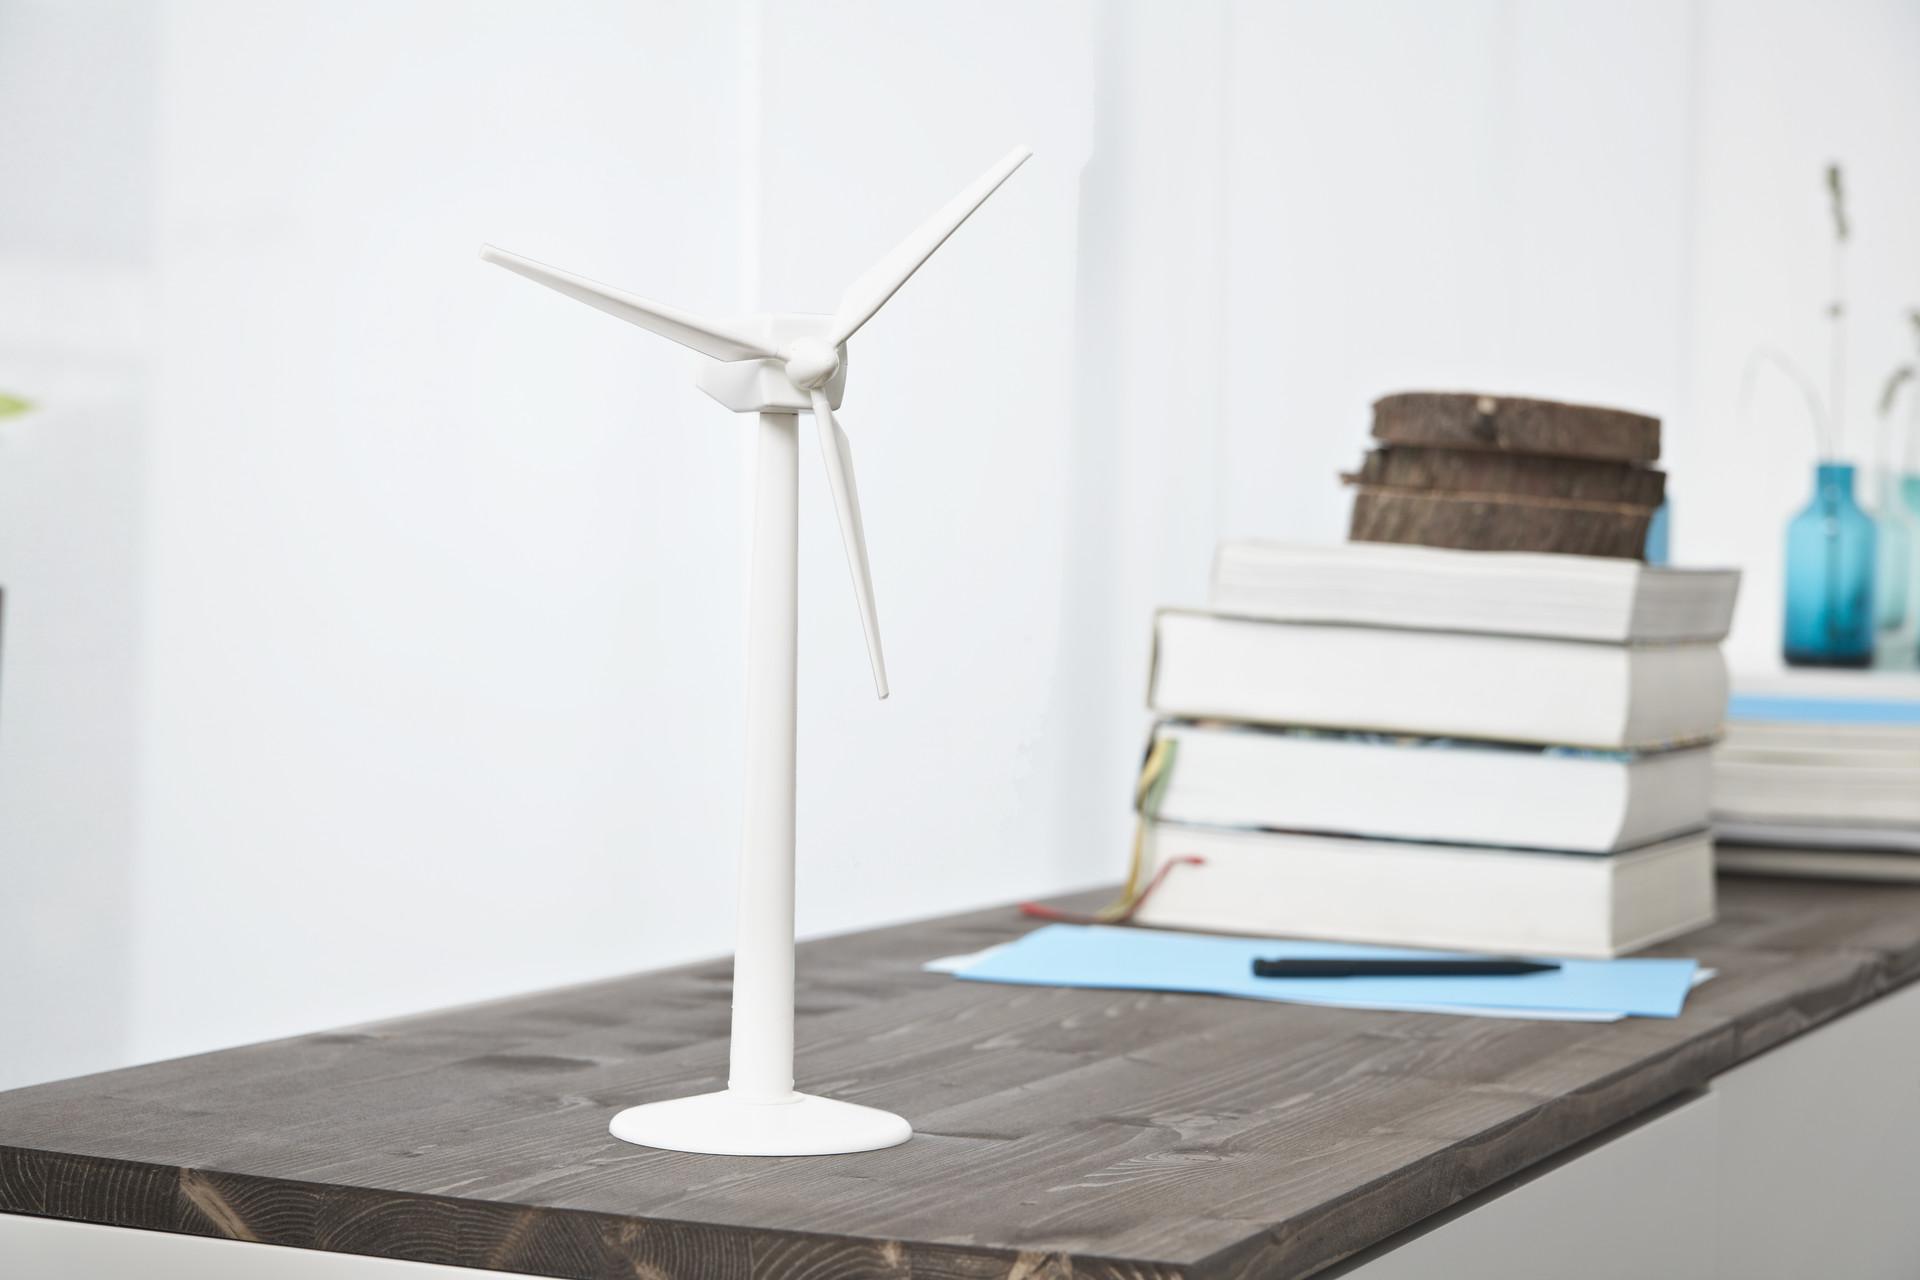 風力発電機の制御原理に対する理解と教育